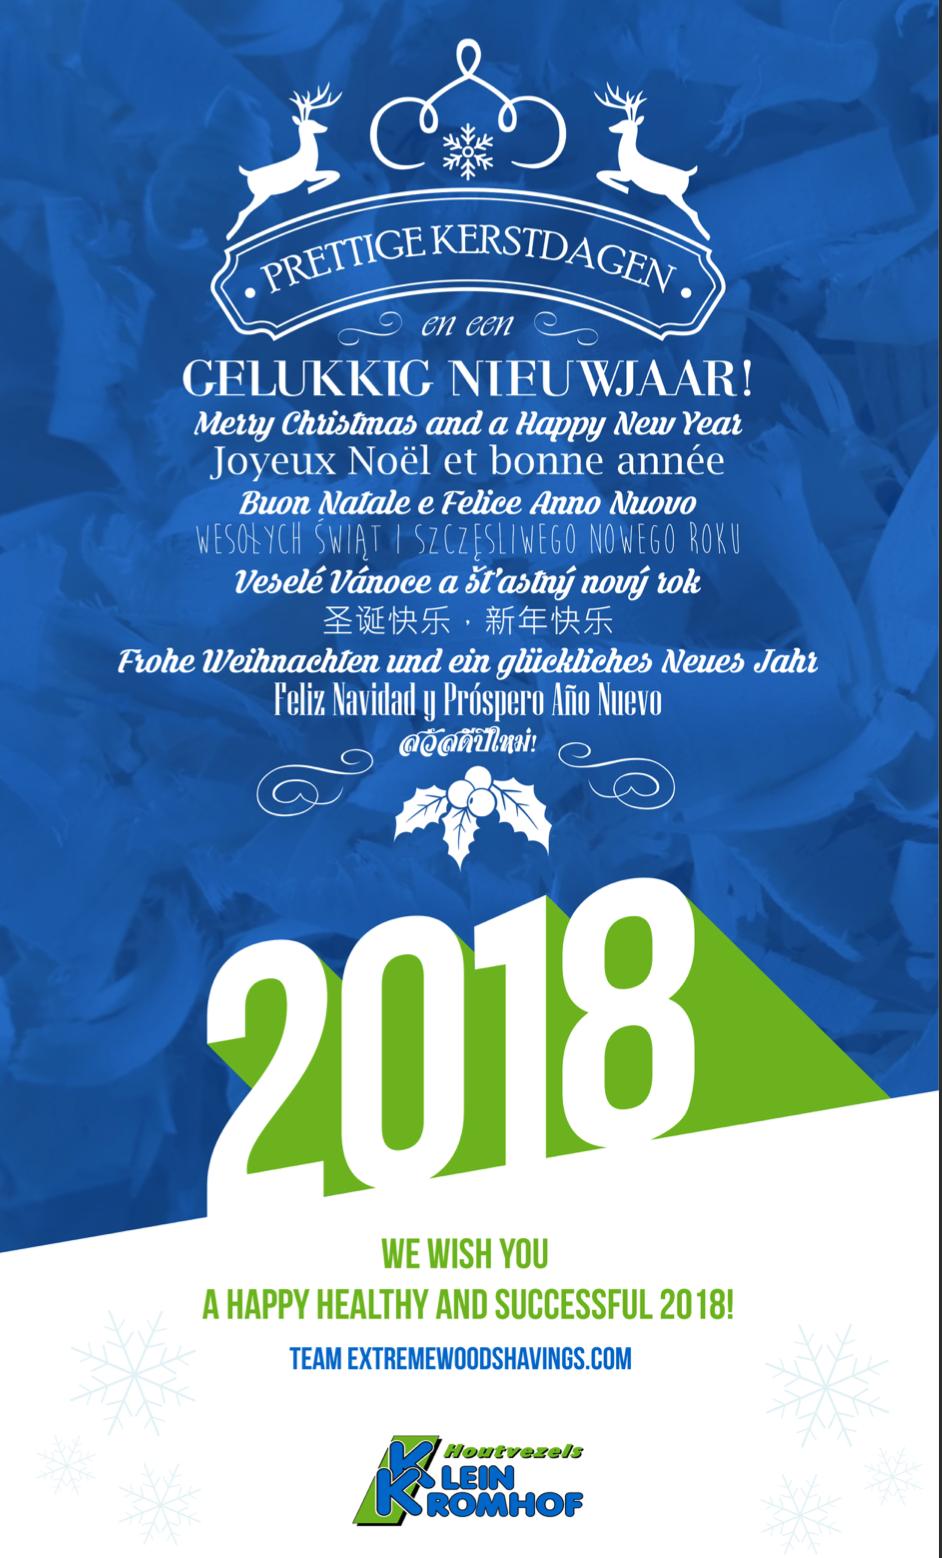 Frohe Weihnachten und Ein Glückliches Neues Jahr by extremewoodshavings.com